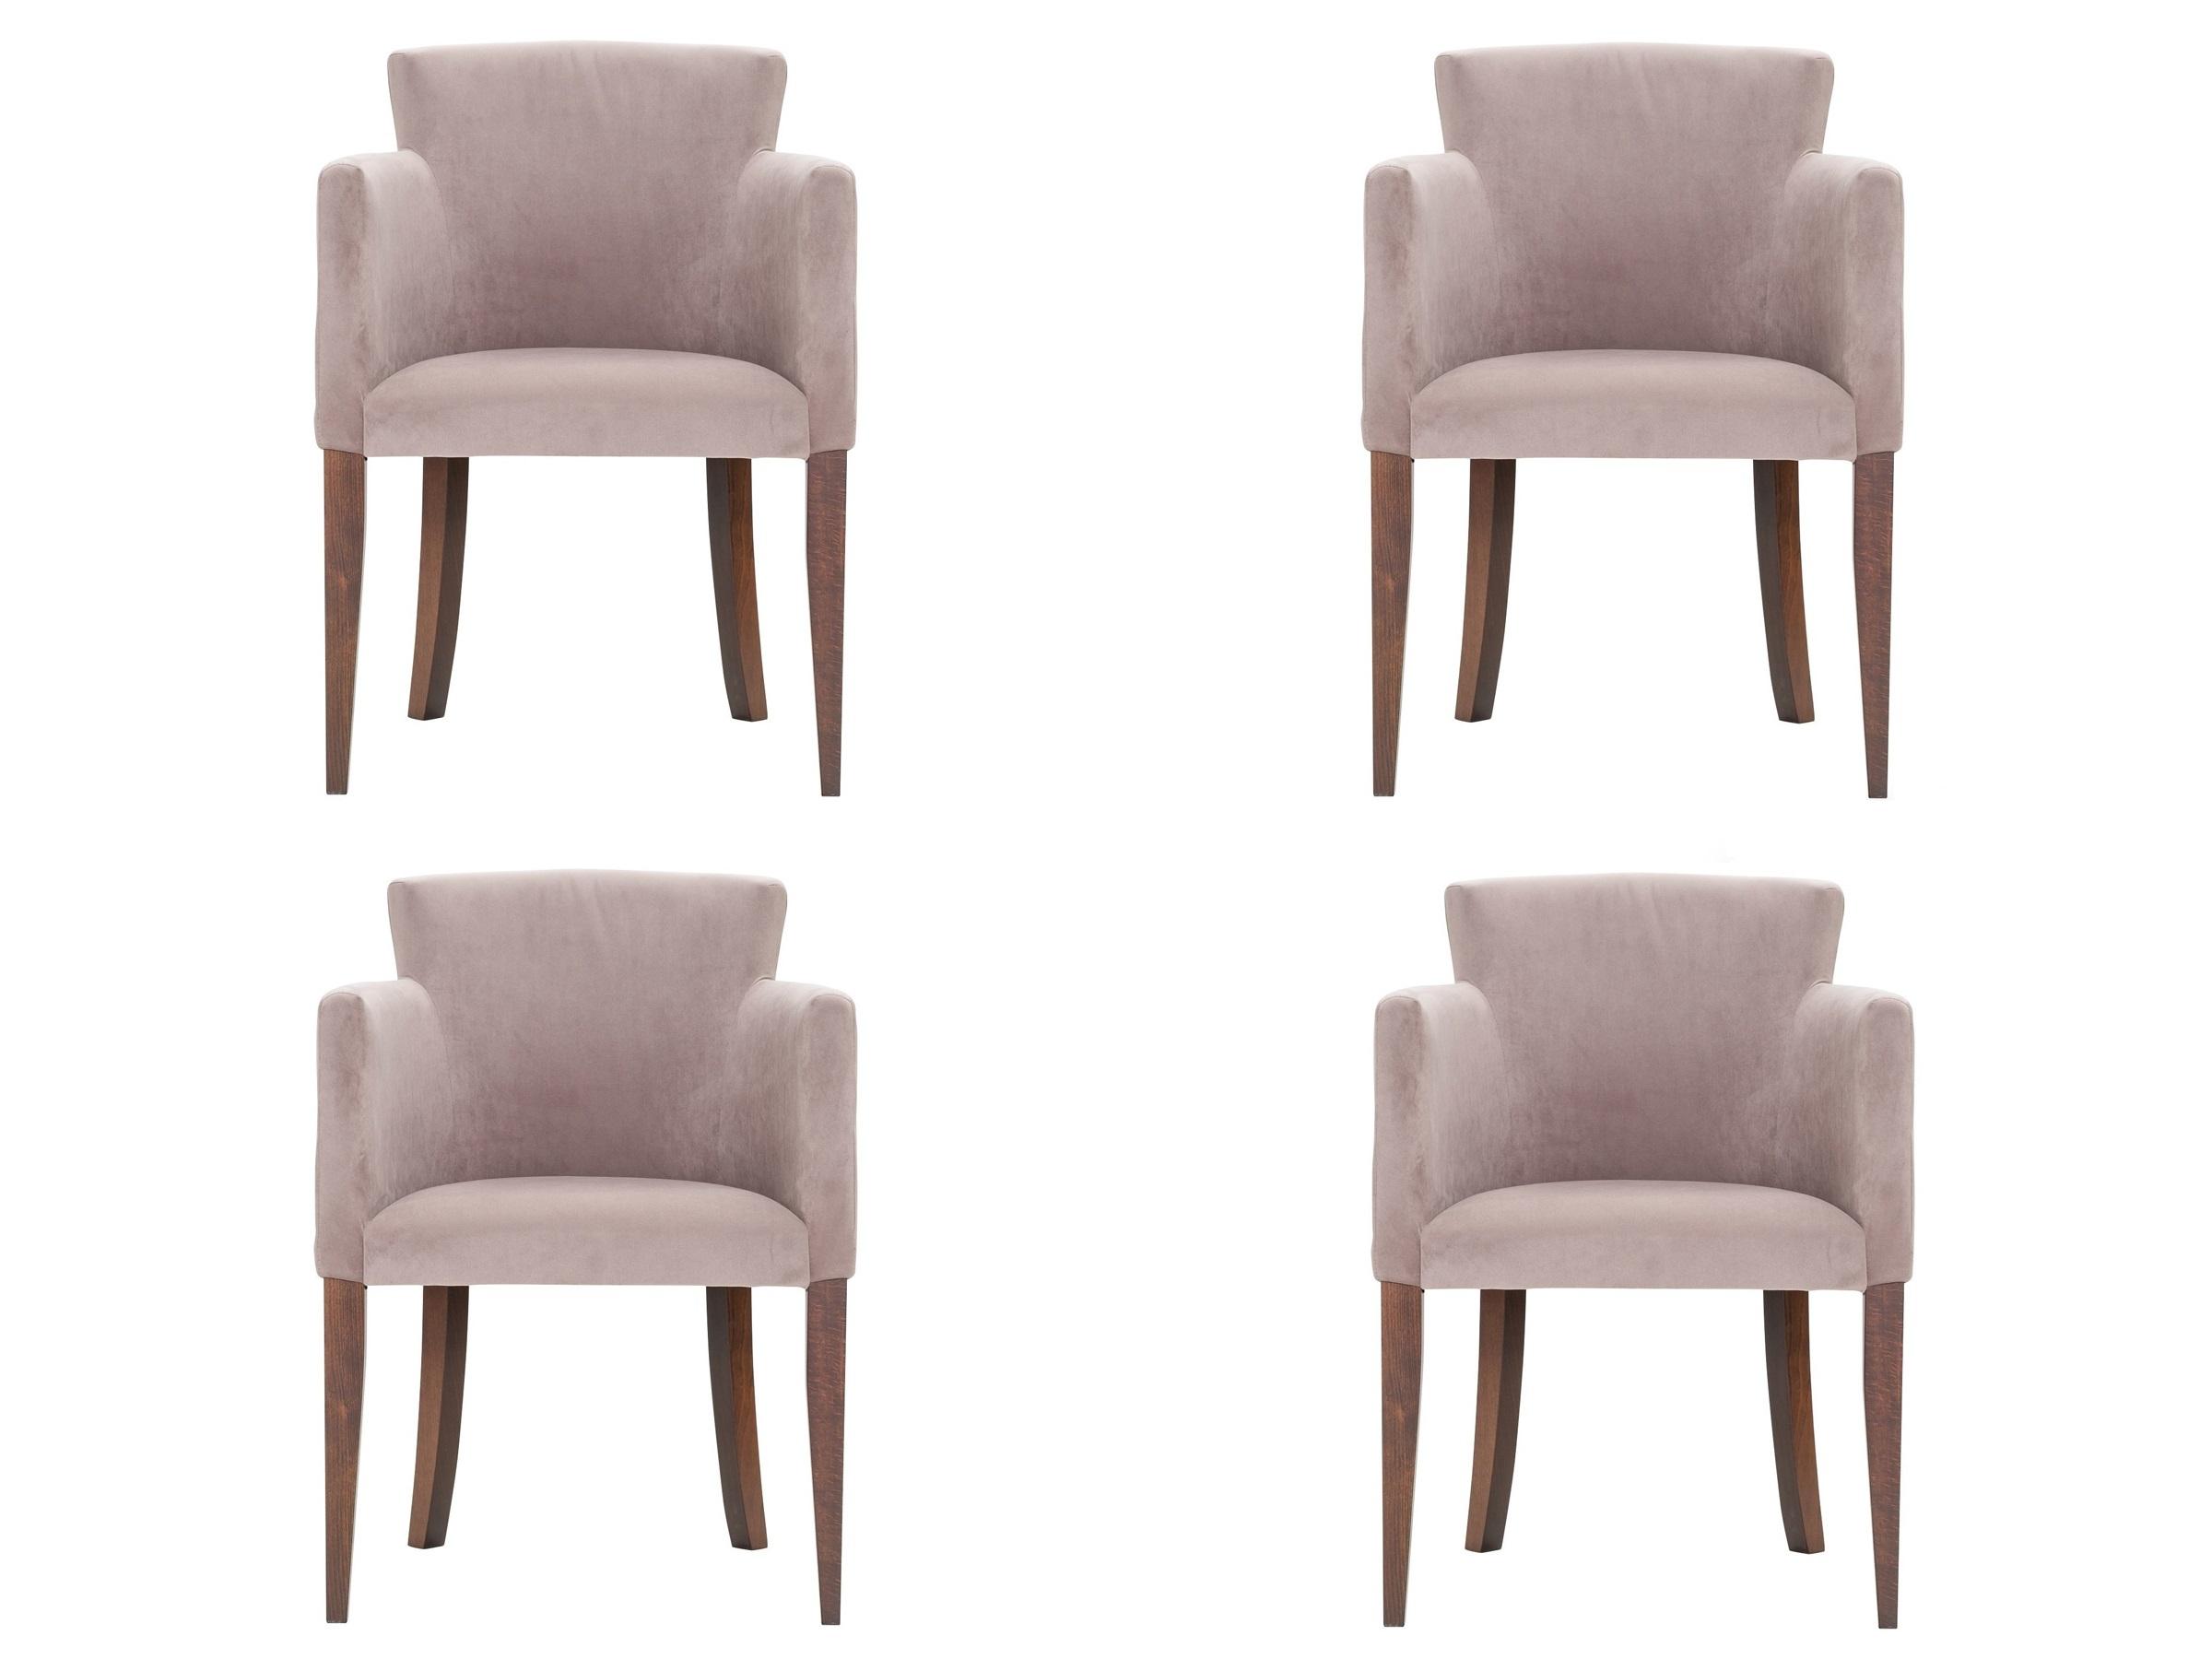 Комплект из 4 стульев AronКомплекты<br>&amp;lt;div&amp;gt;&amp;lt;div&amp;gt;Универсальное кресло из экологичных материалов, которое подойдет для обстановки современных или классических интерьеров.&amp;lt;/div&amp;gt;&amp;lt;div&amp;gt;&amp;lt;br&amp;gt;&amp;lt;/div&amp;gt;&amp;lt;div&amp;gt;Высота до сидения: 46 см.&amp;lt;/div&amp;gt;&amp;lt;/div&amp;gt;&amp;lt;div&amp;gt;&amp;lt;div style=&amp;quot;font-size: 14px;&amp;quot;&amp;gt;&amp;lt;/div&amp;gt;&amp;lt;/div&amp;gt;<br><br>Material: Текстиль<br>Ширина см: 56<br>Высота см: 81<br>Глубина см: 58